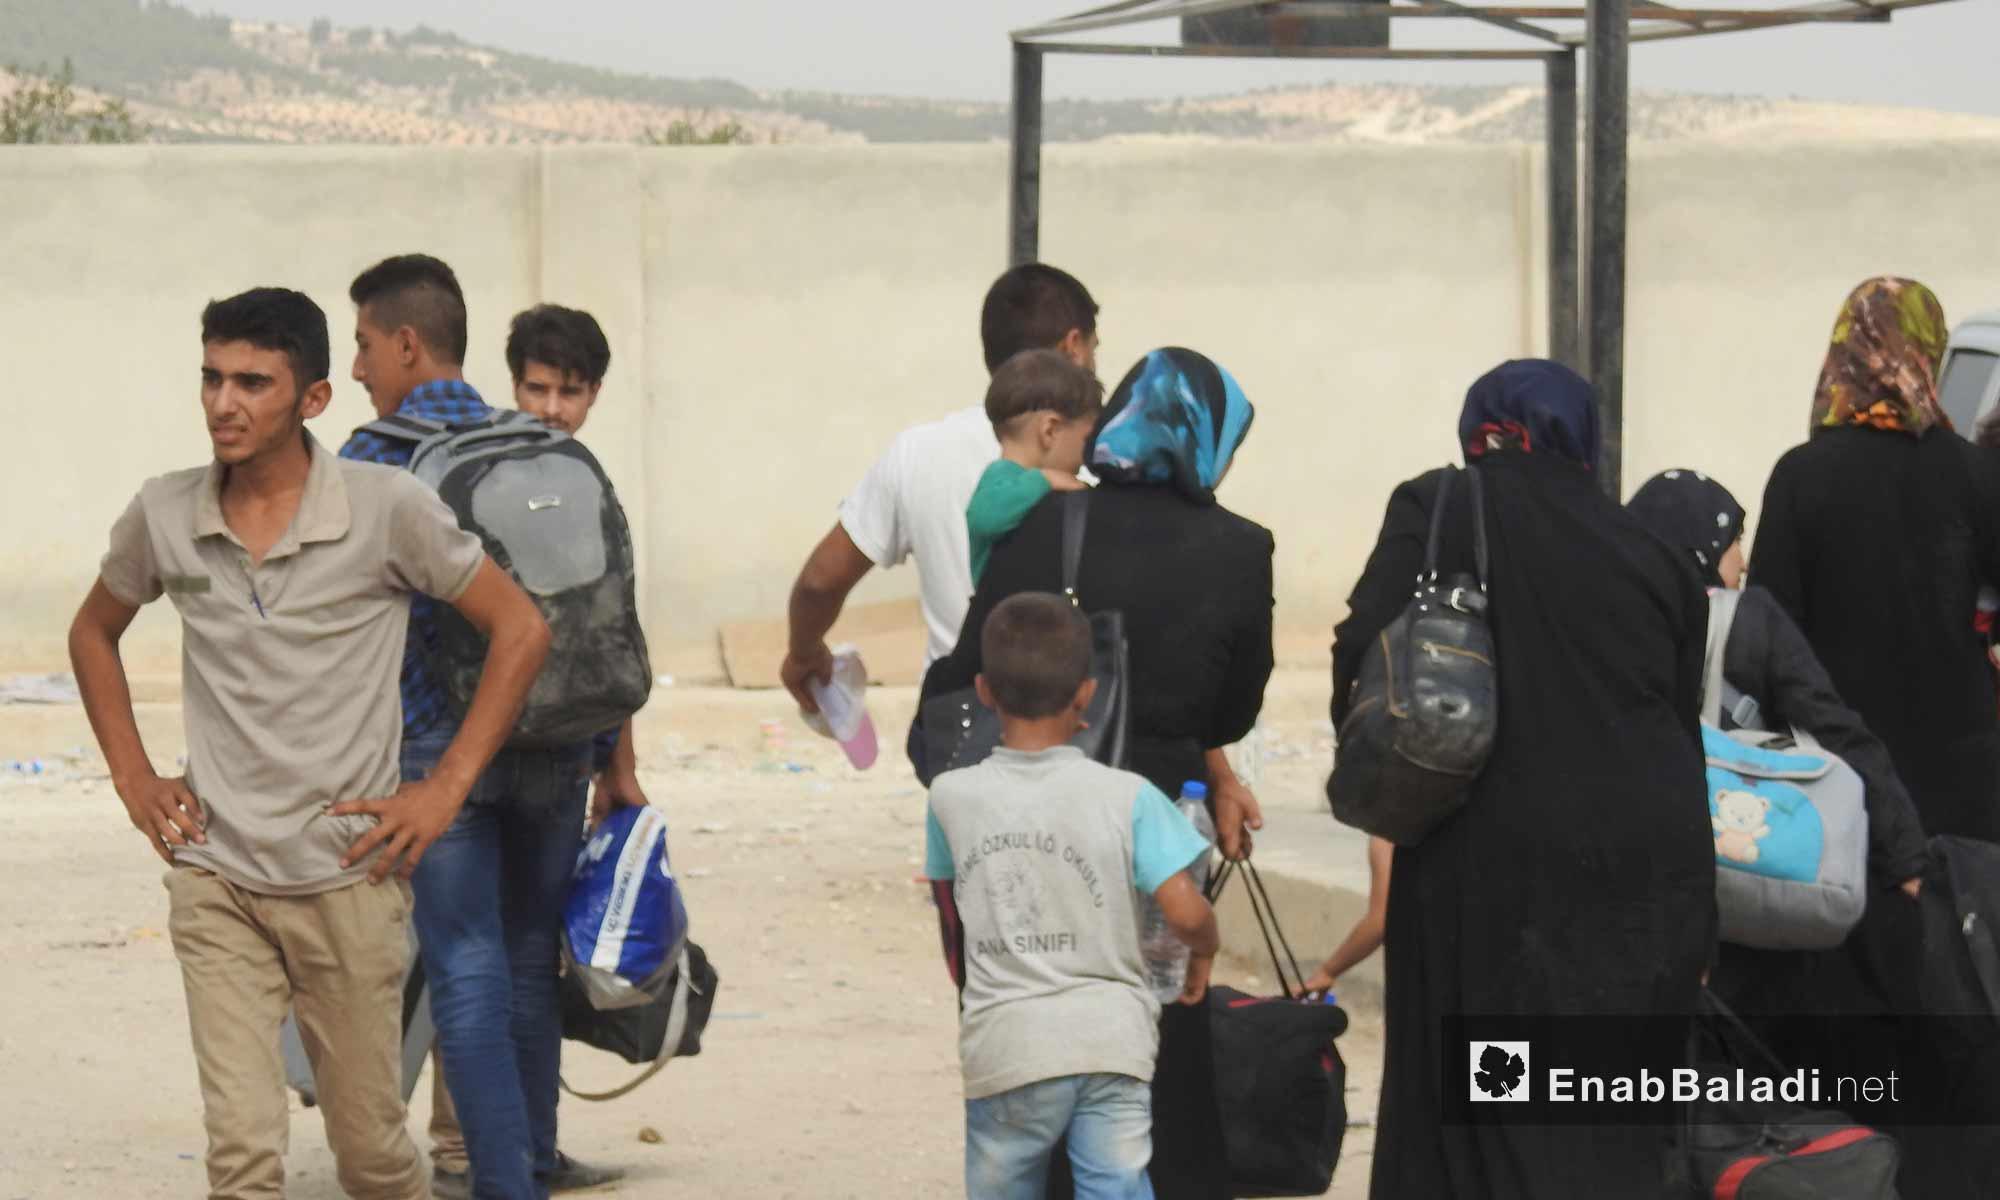 حركة المغادرين السوريين للعودة إلى تركيا بعد انتهاء إجازة العيد عند معبر باب السلامة الحدودي شمال حلب - 16 أيلول 2017 (عنب بلدي)